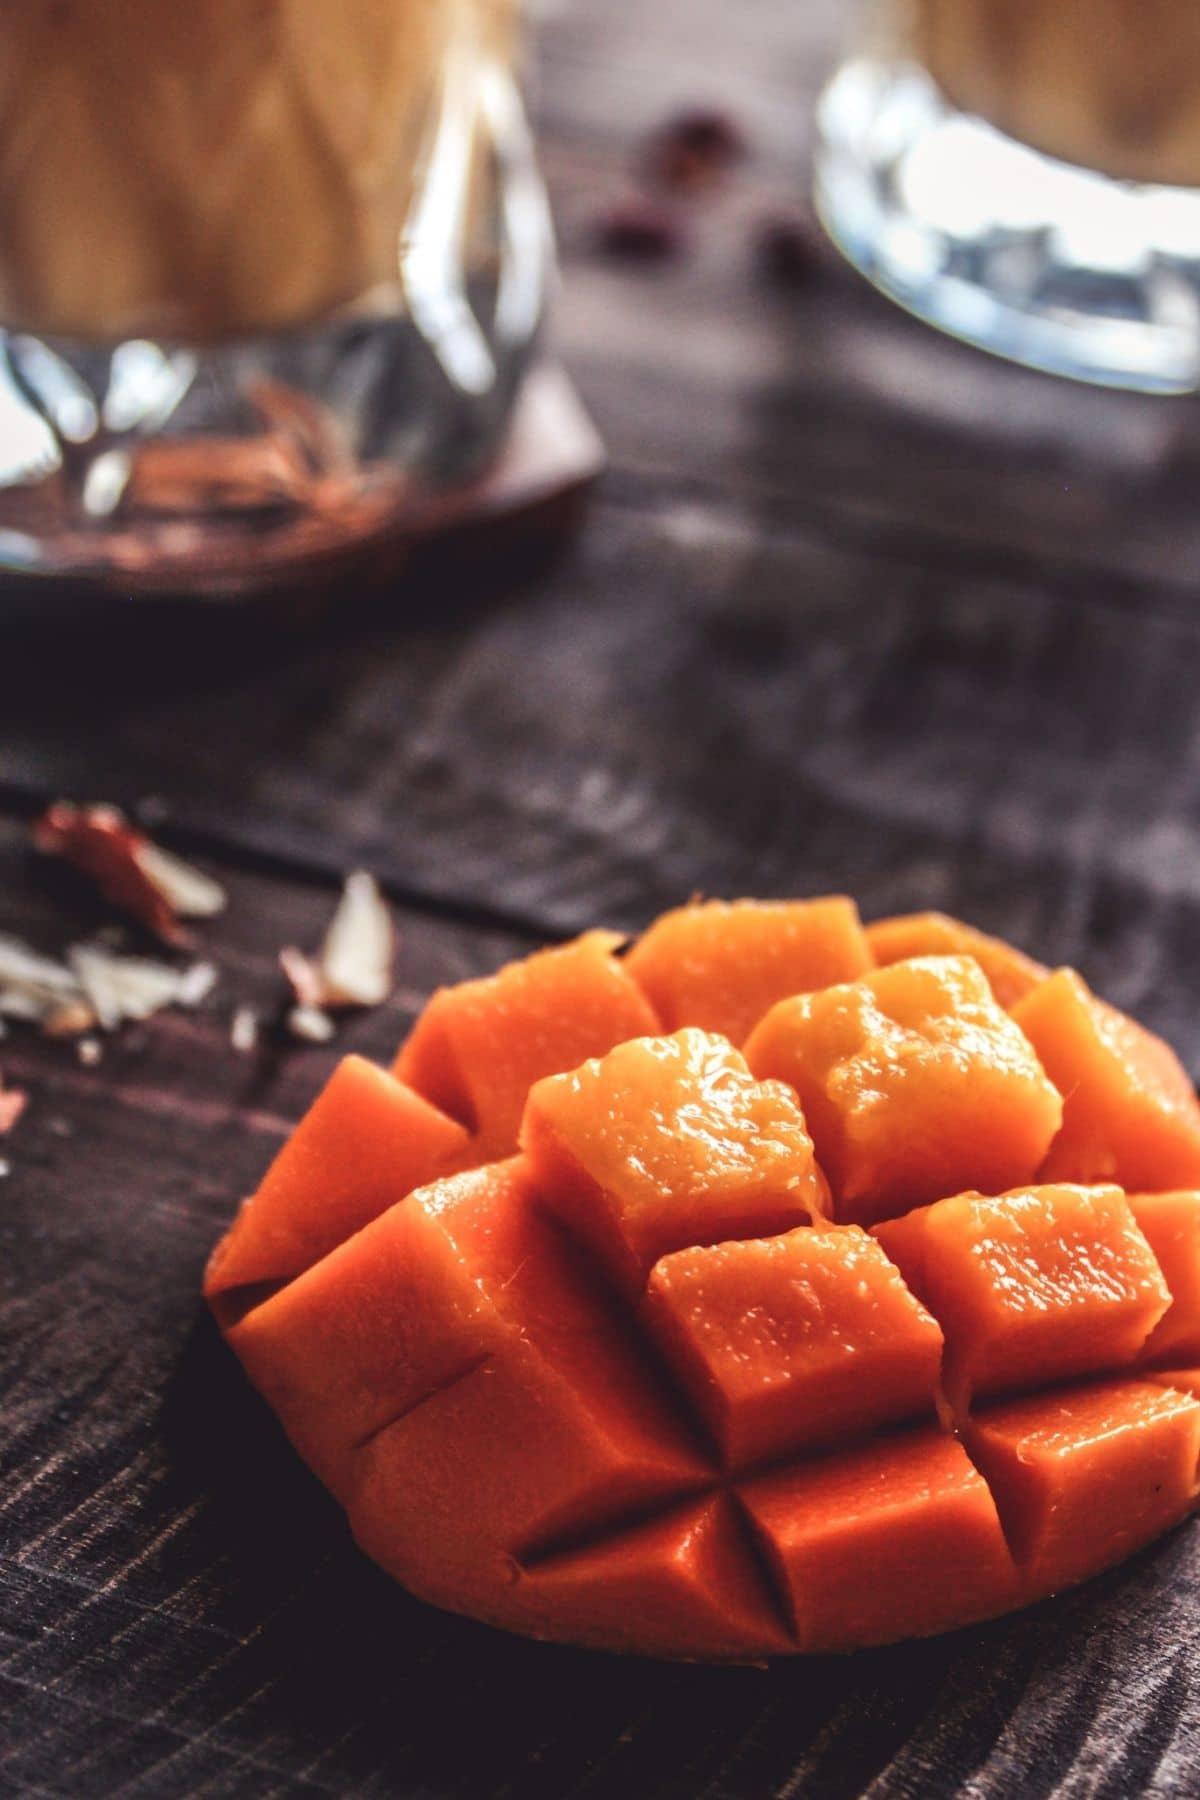 Mango half sliced on table